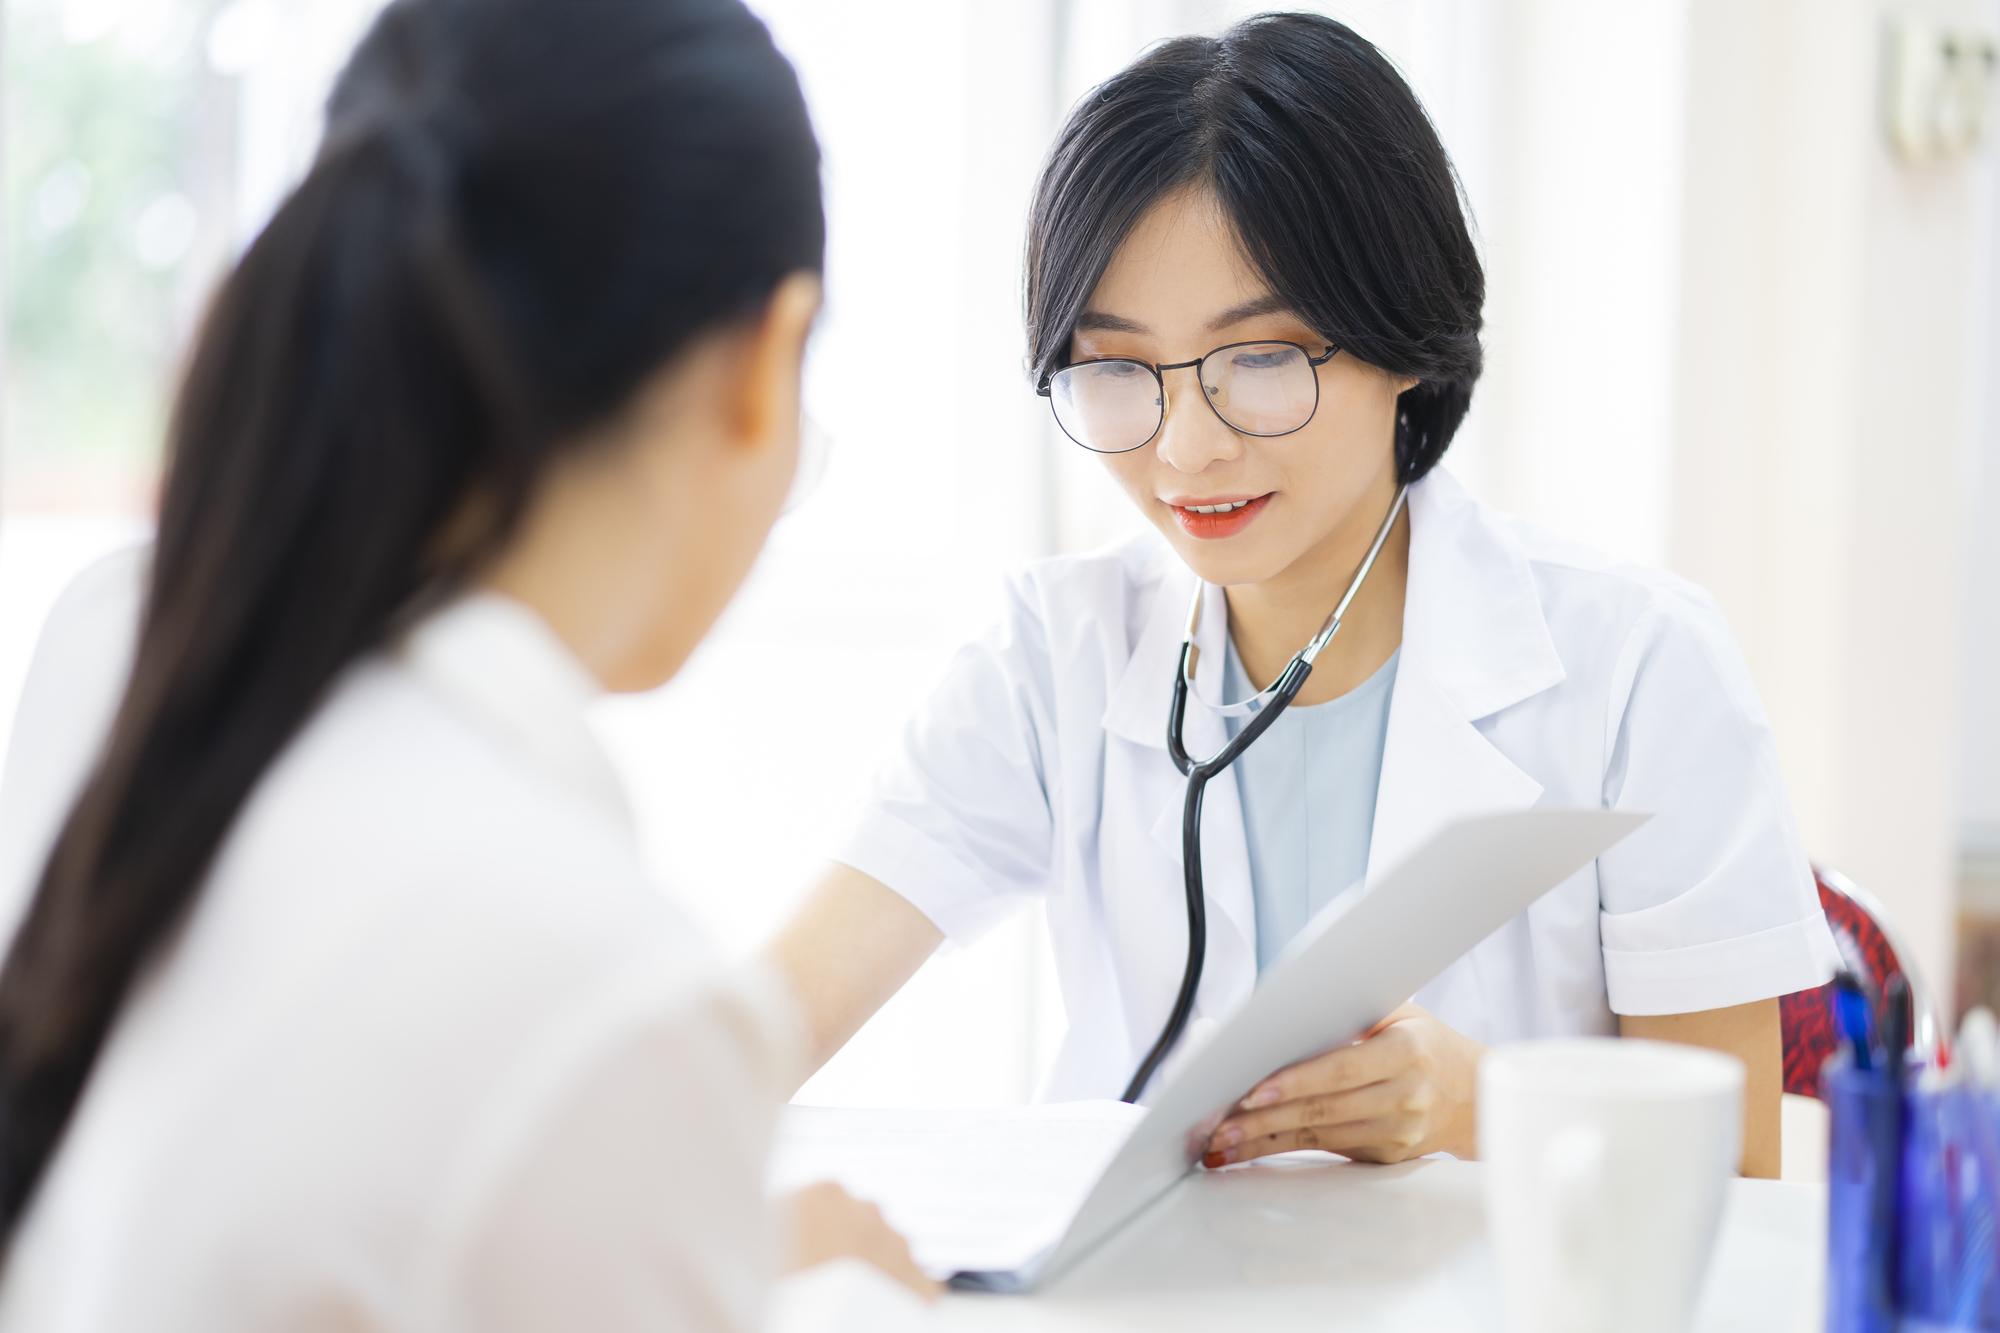 副鼻腔炎や後鼻漏の専門医